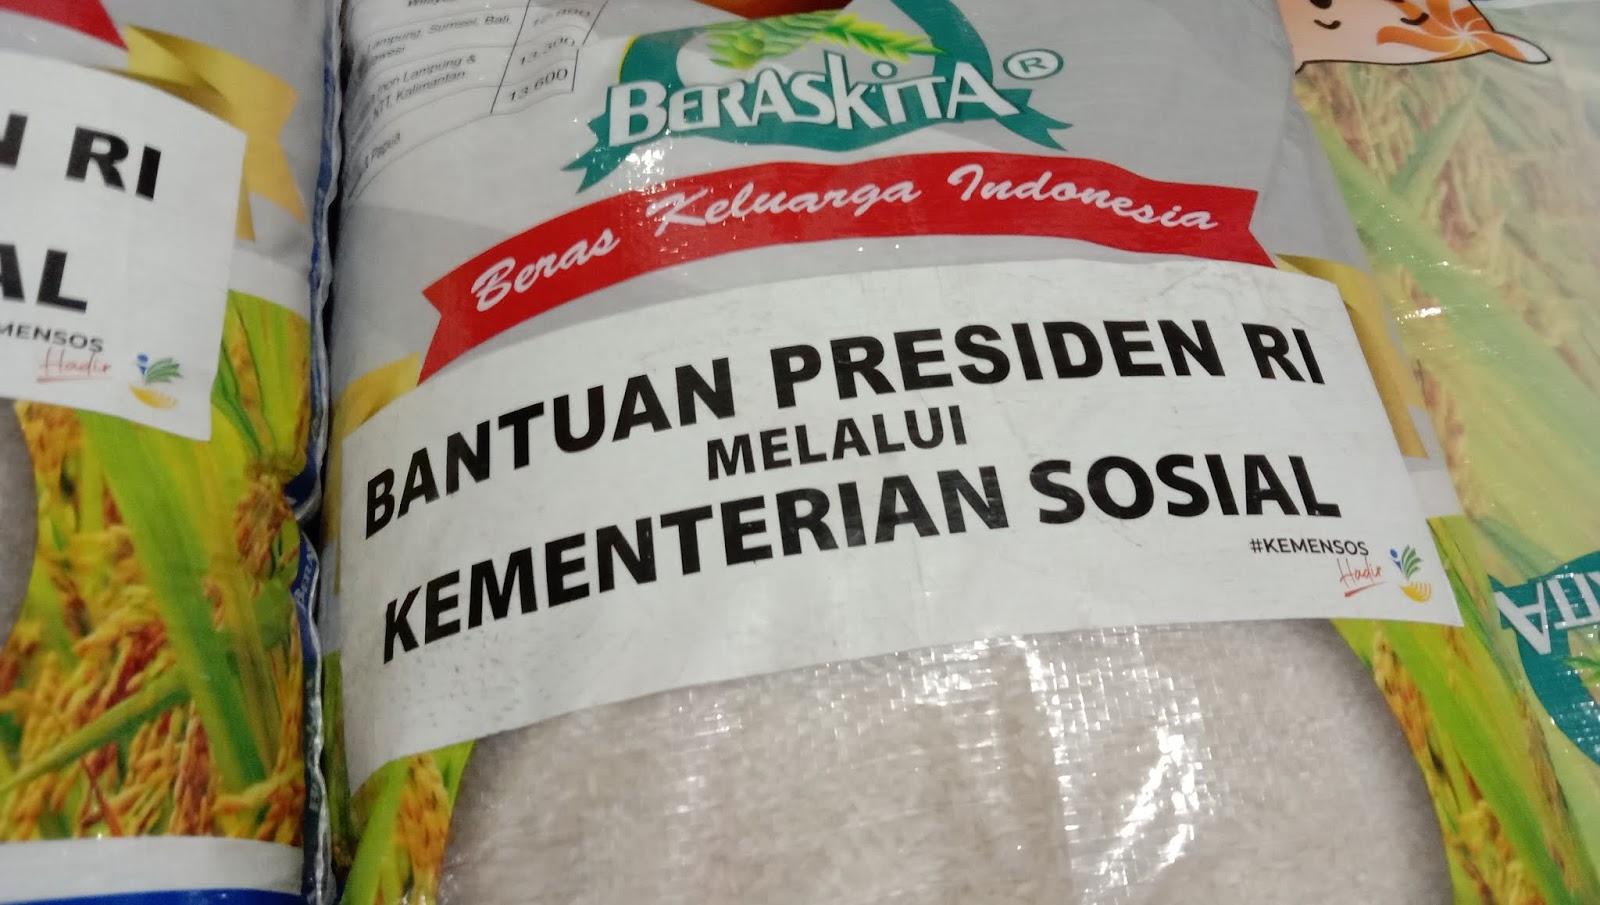 Bantuan Presiden